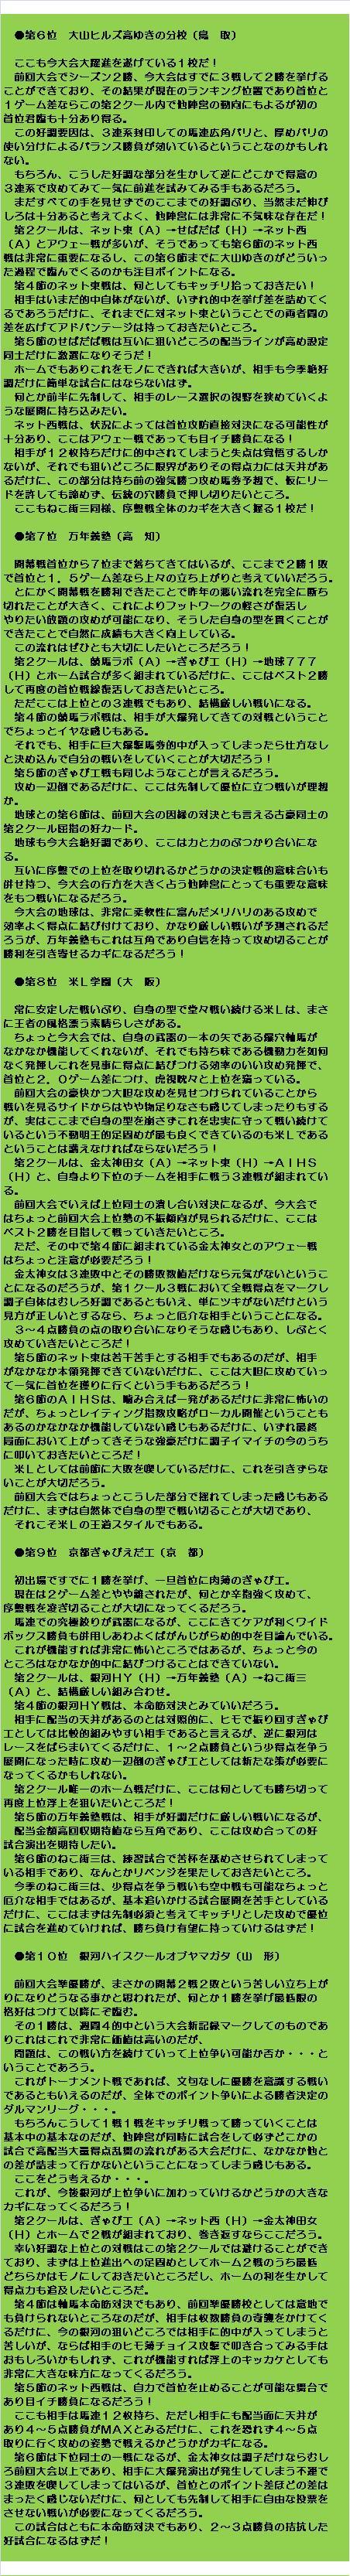 20150814・ダルマンリーグ第2クール展望②.jpg